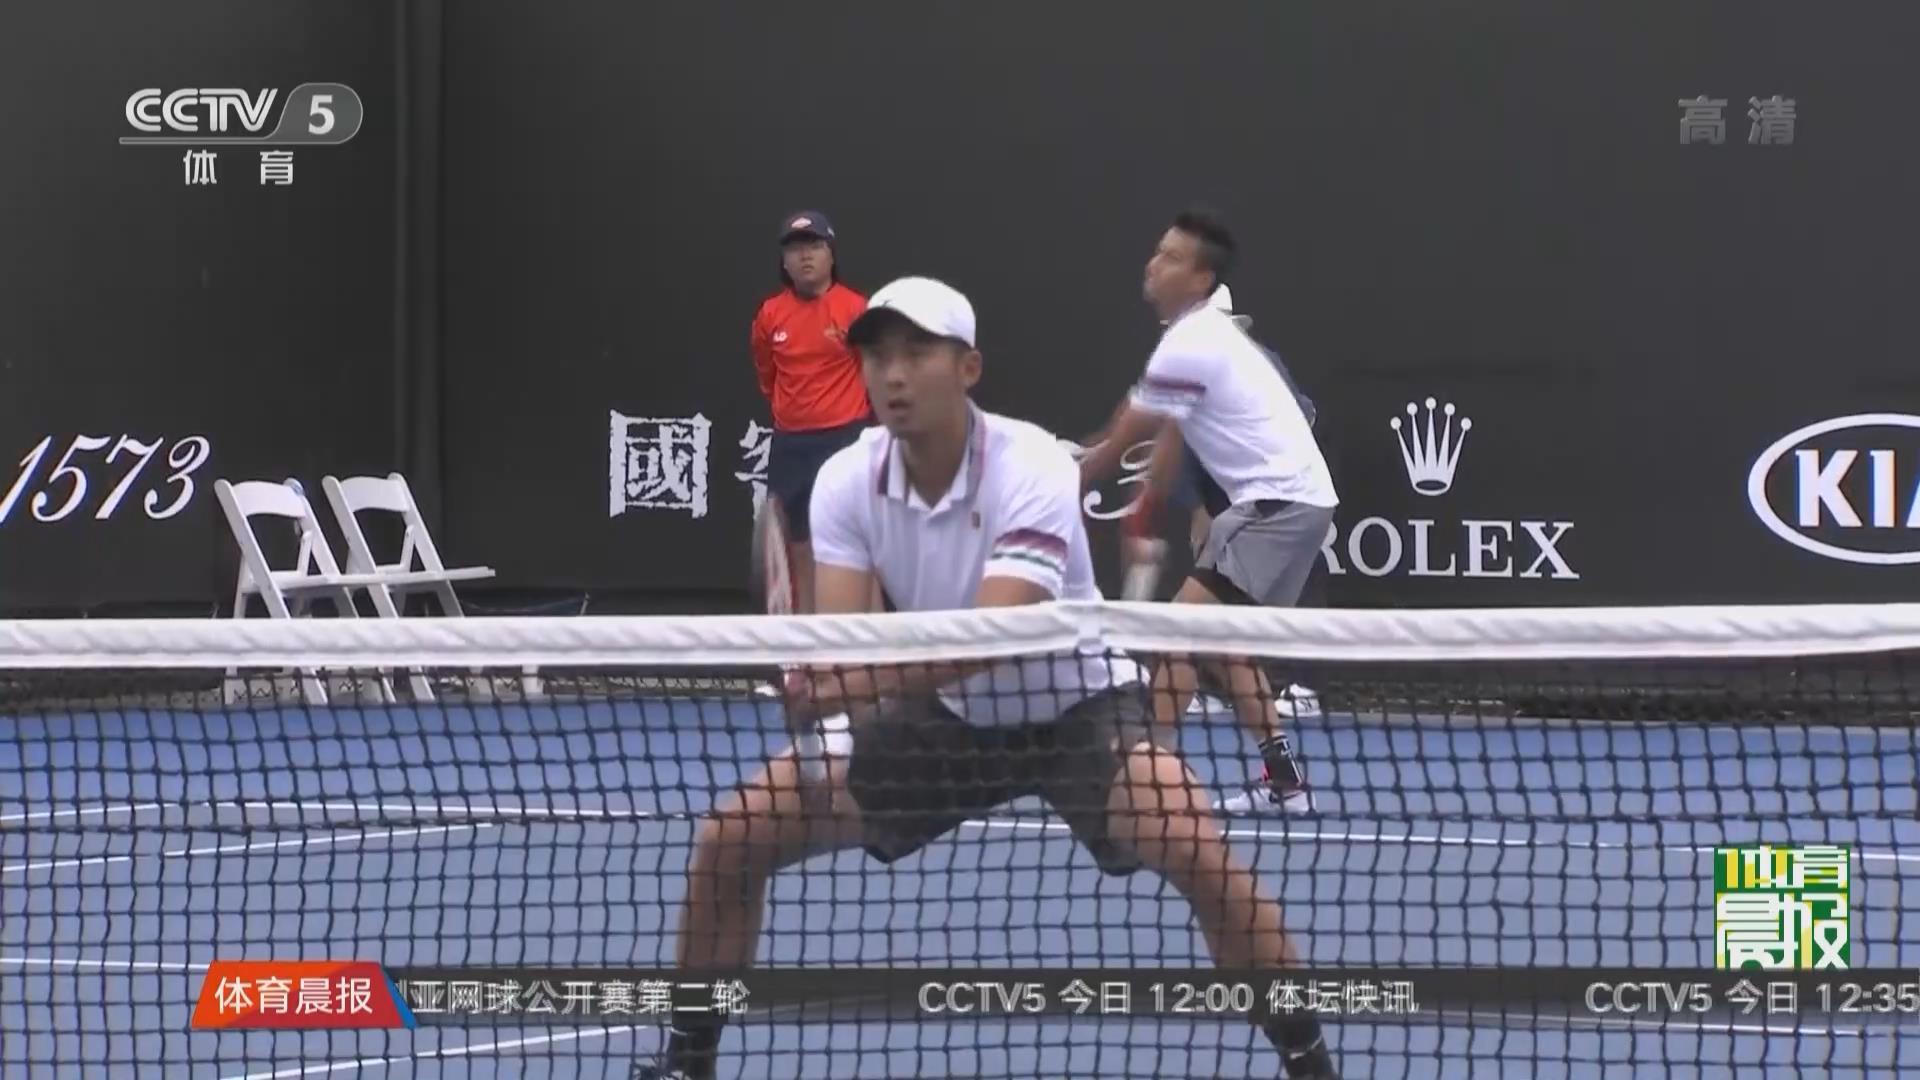 張擇、公茂鑫晉級澳網男雙第二輪